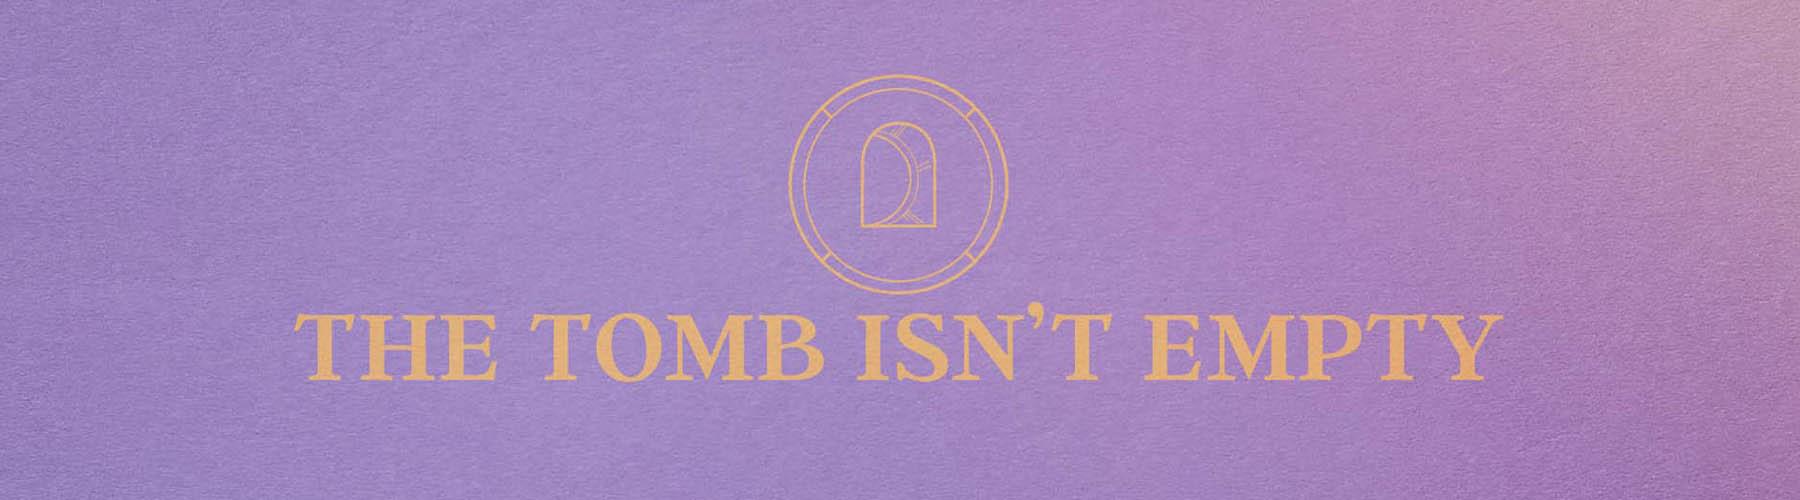 The Tomb Isn't Empty